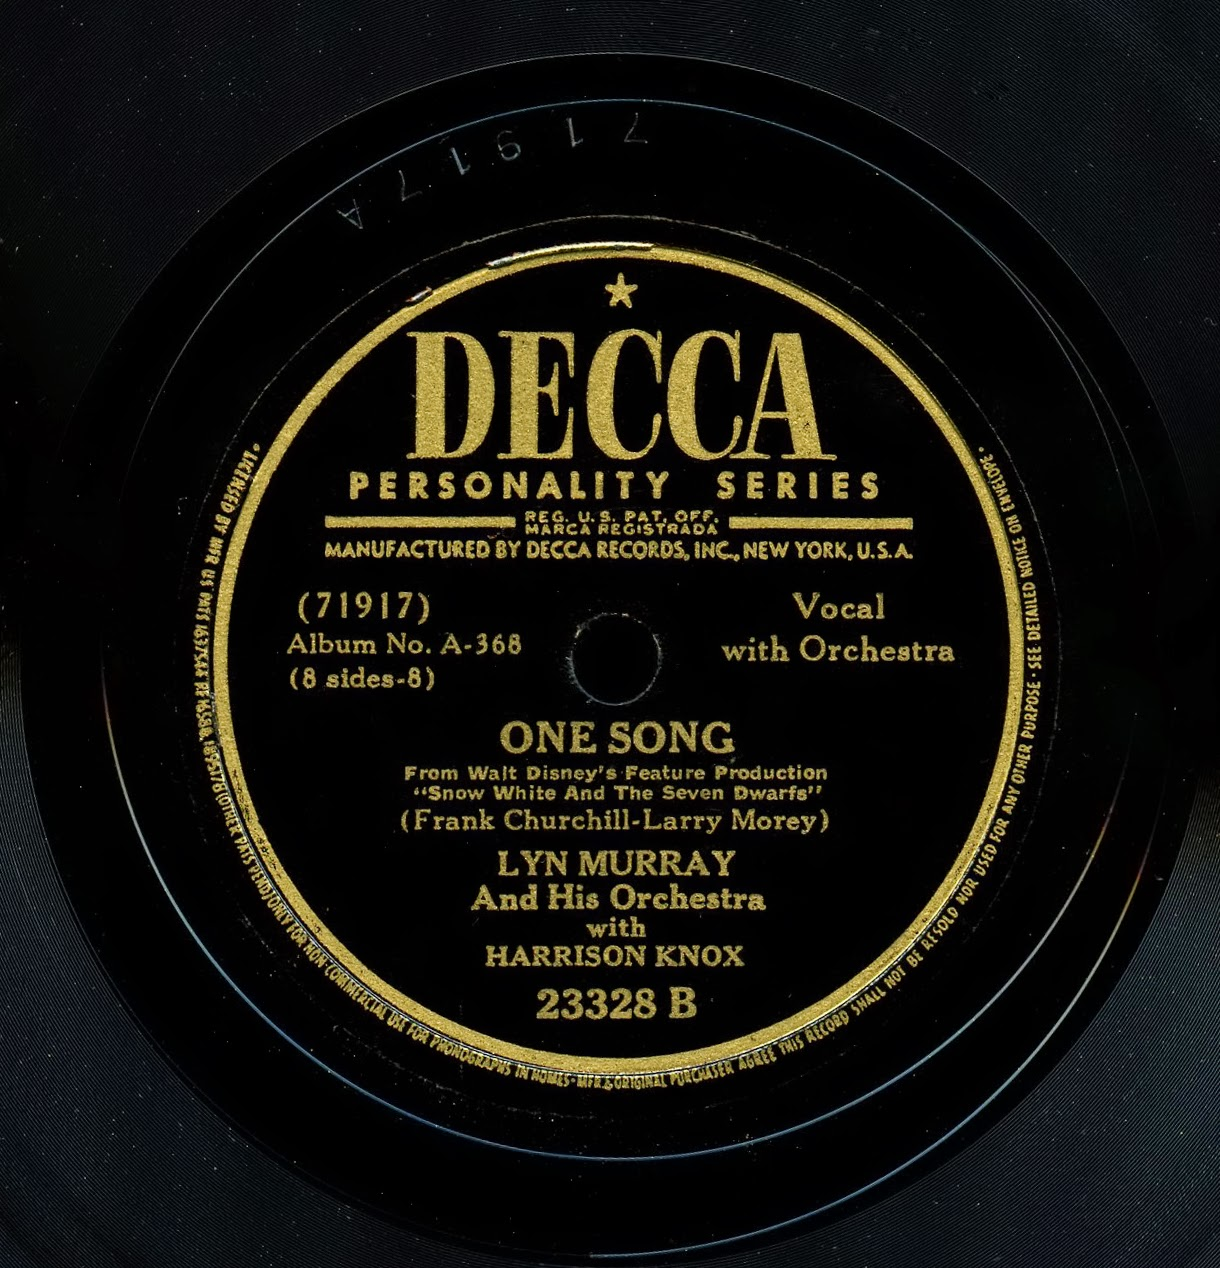 Decca Records Label Decca Records Label History